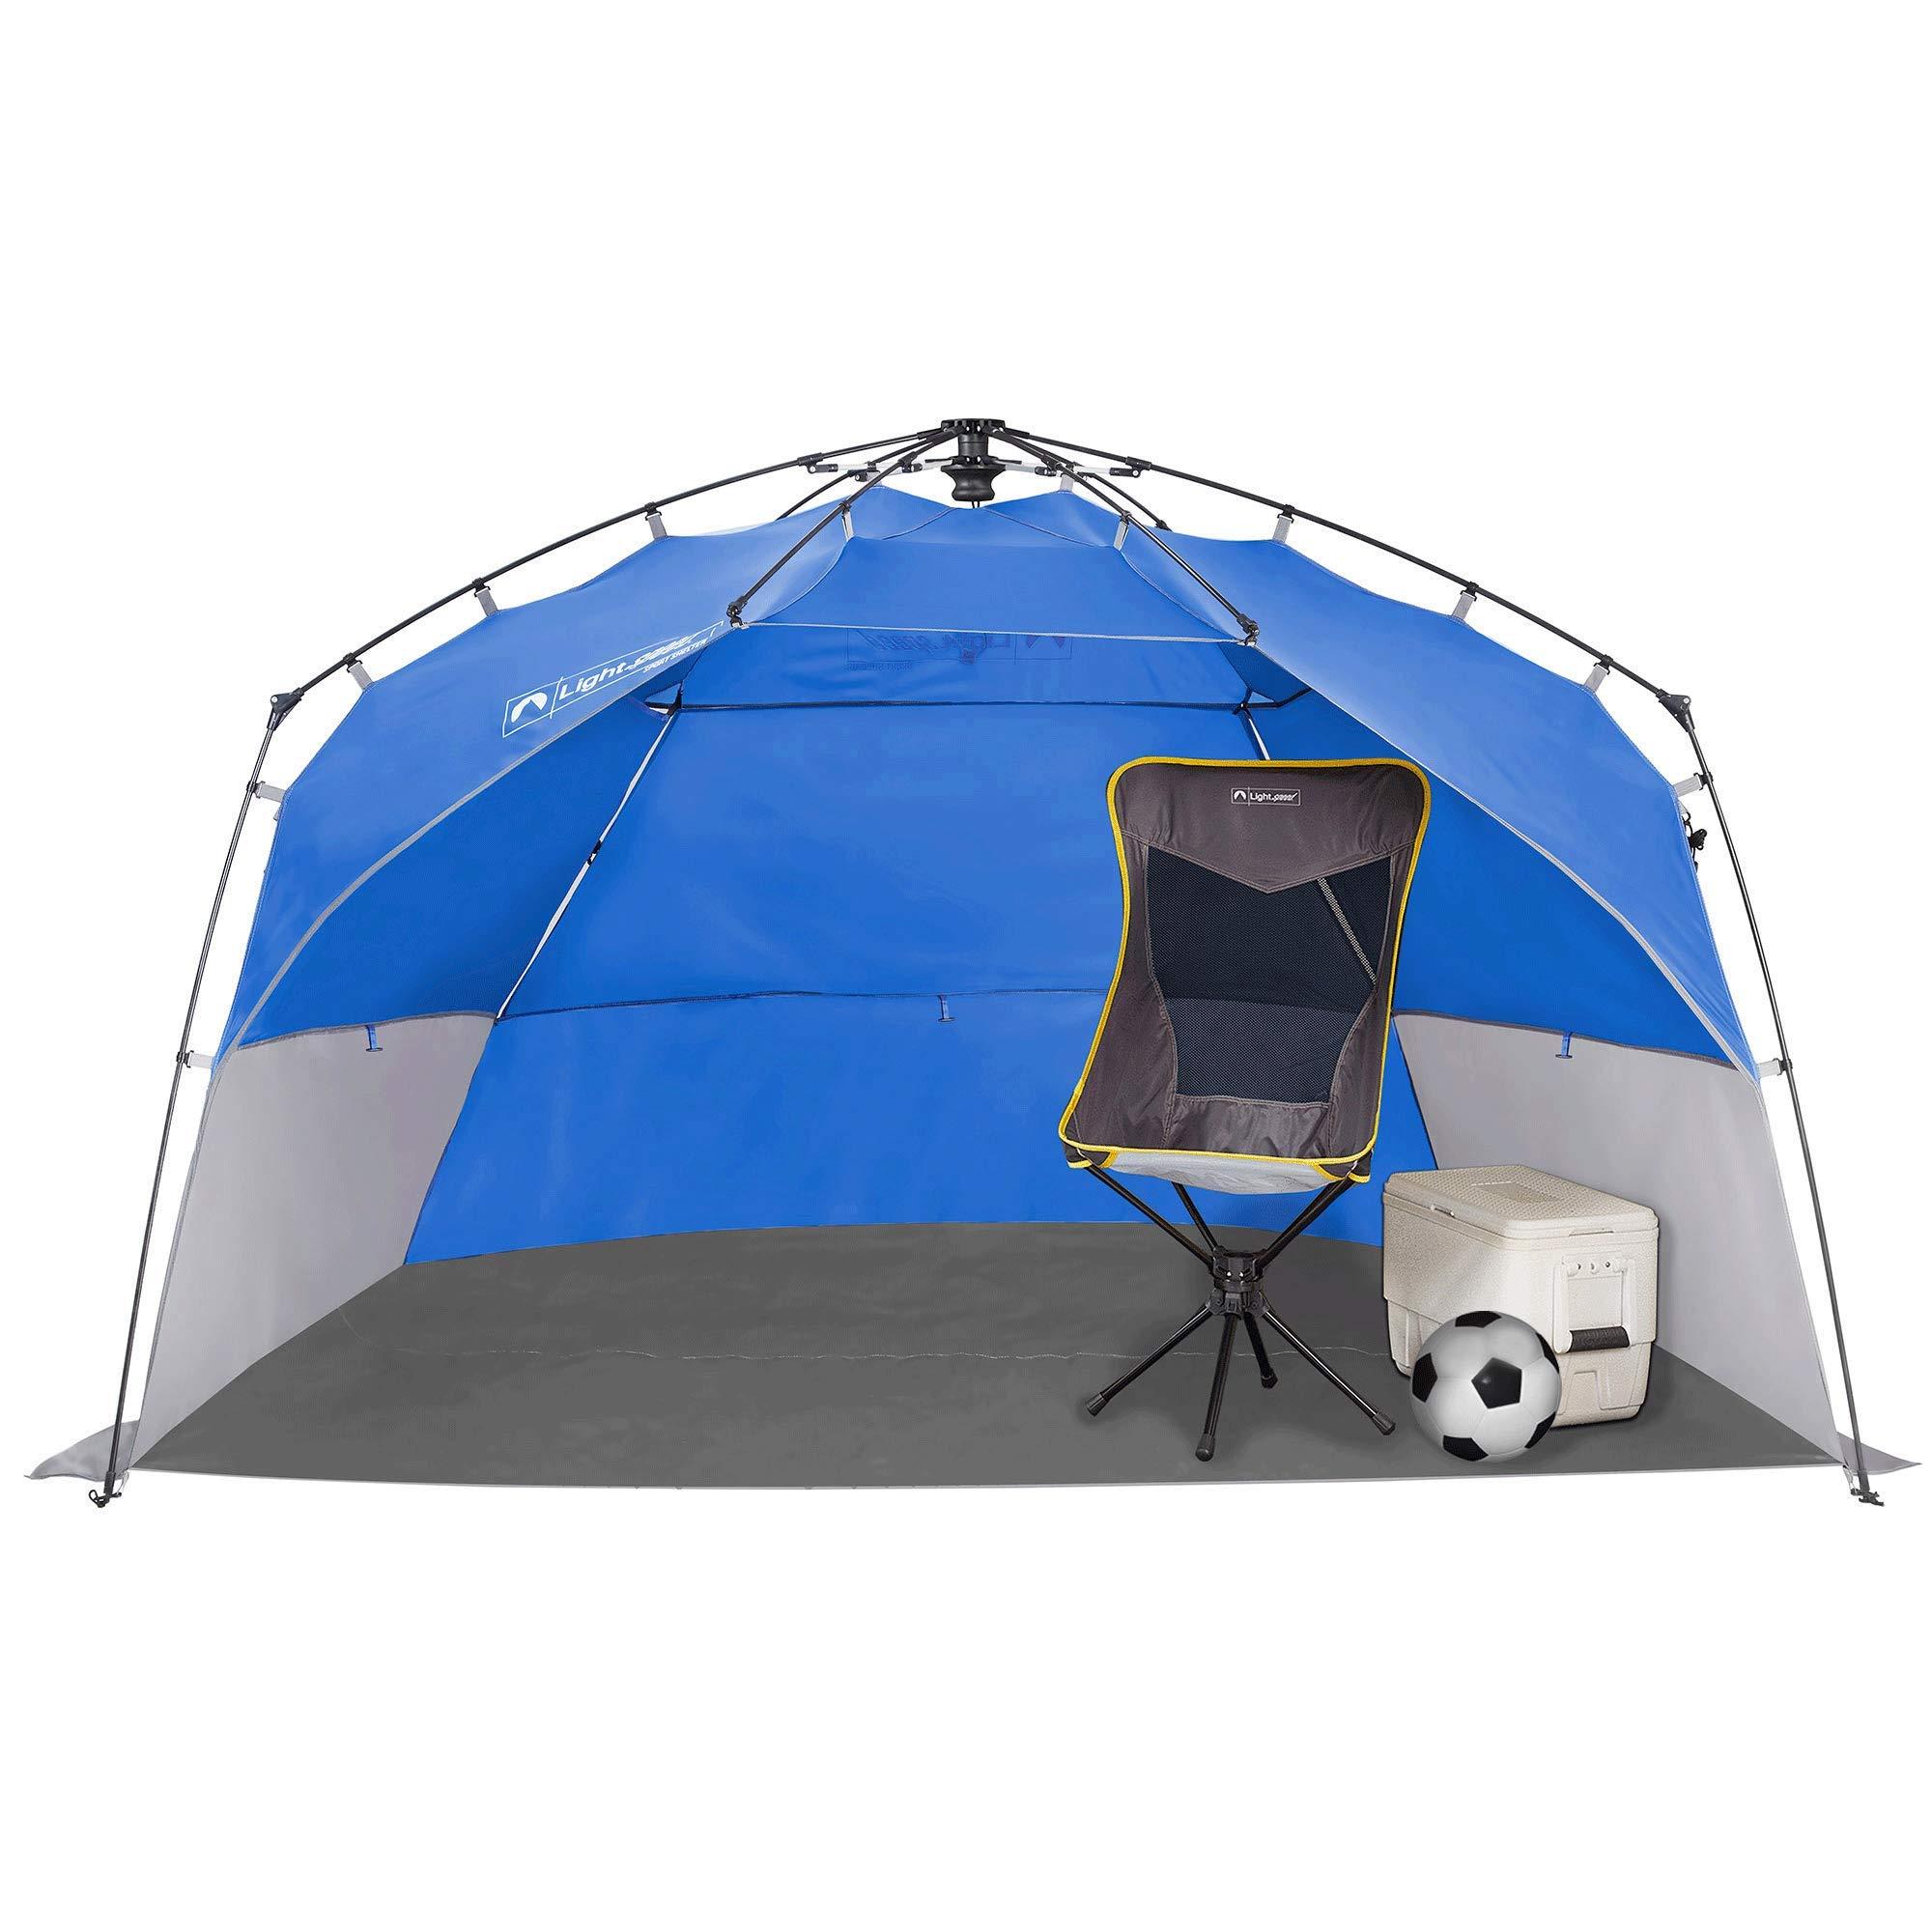 Lightspeed Outdoors XL Sport Shelter Instant Pop Up by Lightspeed Outdoors